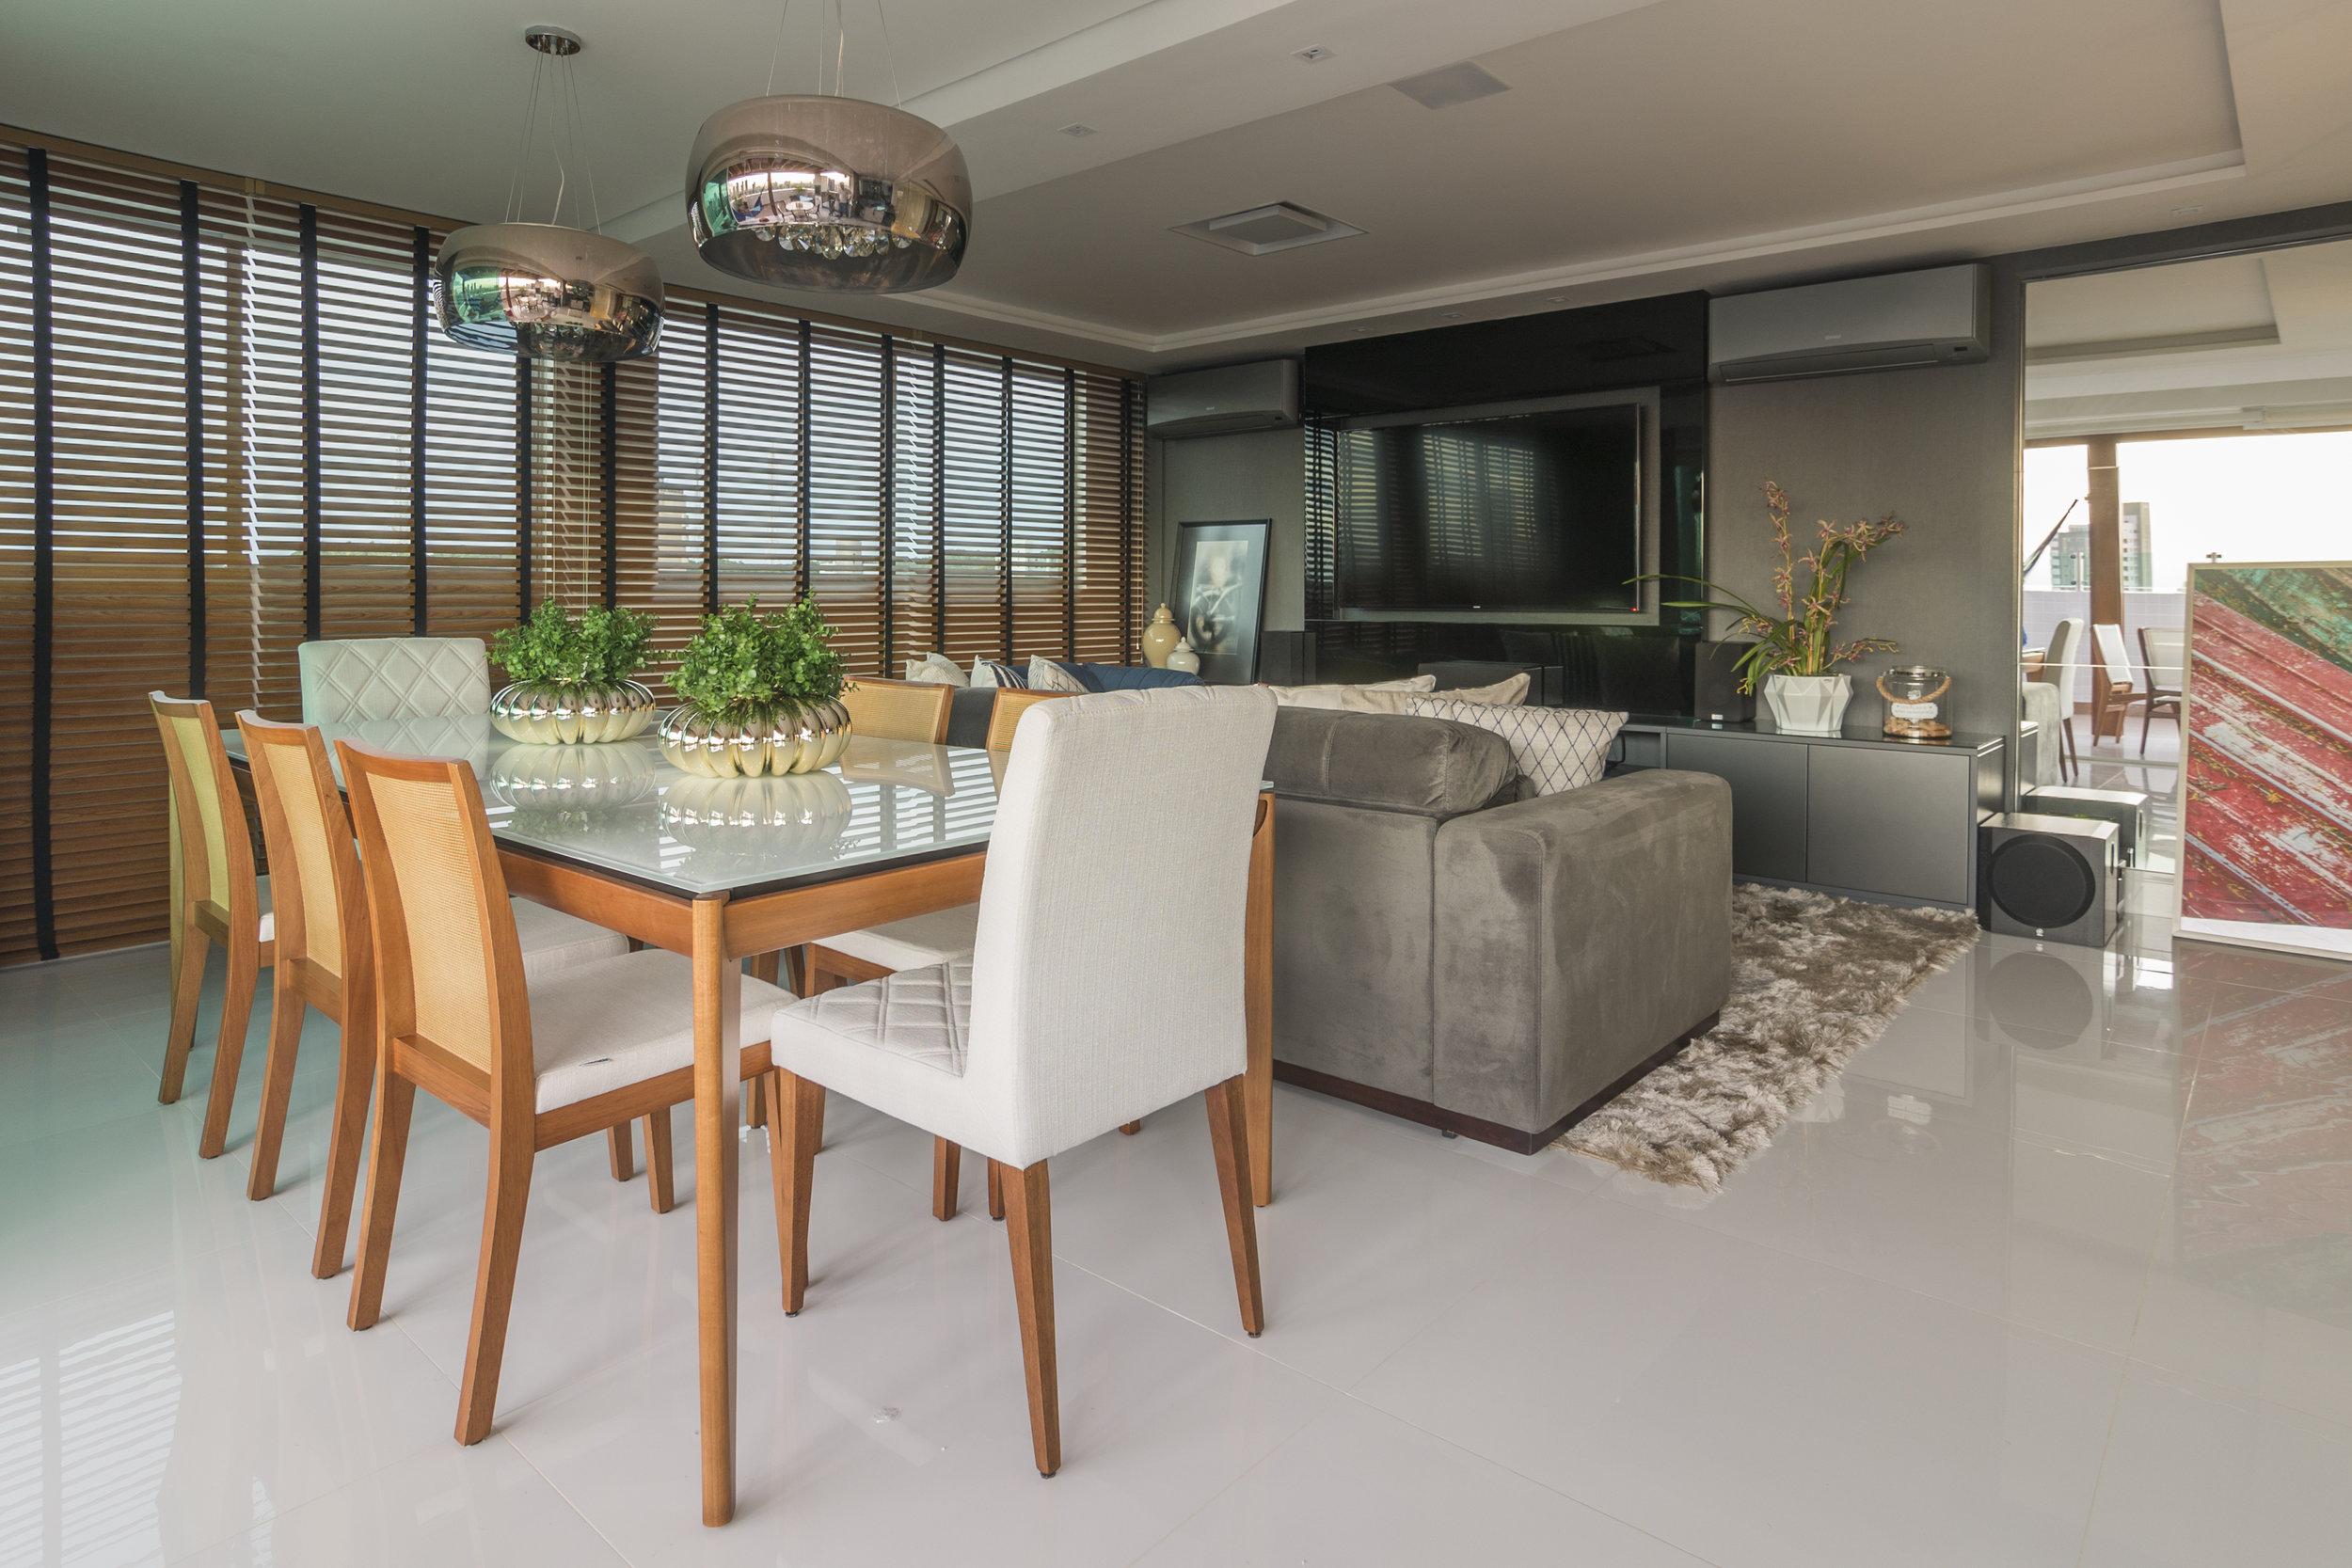 projeto-arquitetonico-robertoindira-duo-arquitetura-apartamentos-gourmet-05.jpg